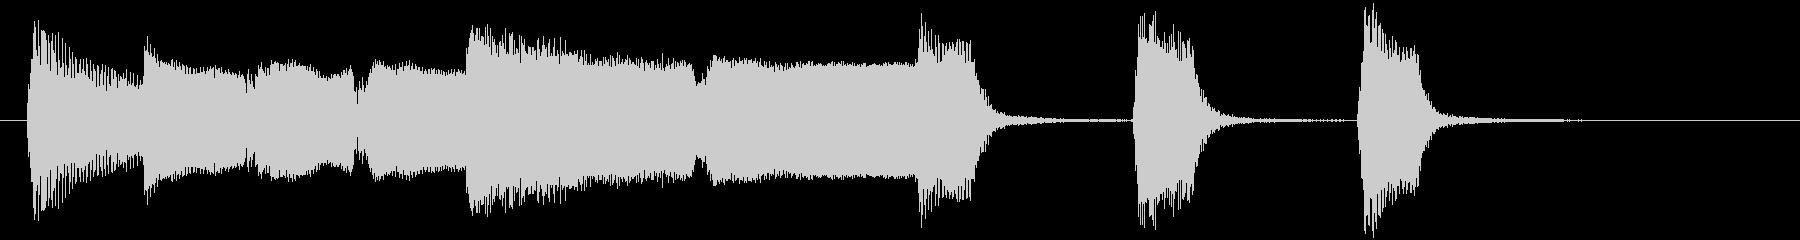 ほのぼのしたリコーダーとピアノのジングルの未再生の波形